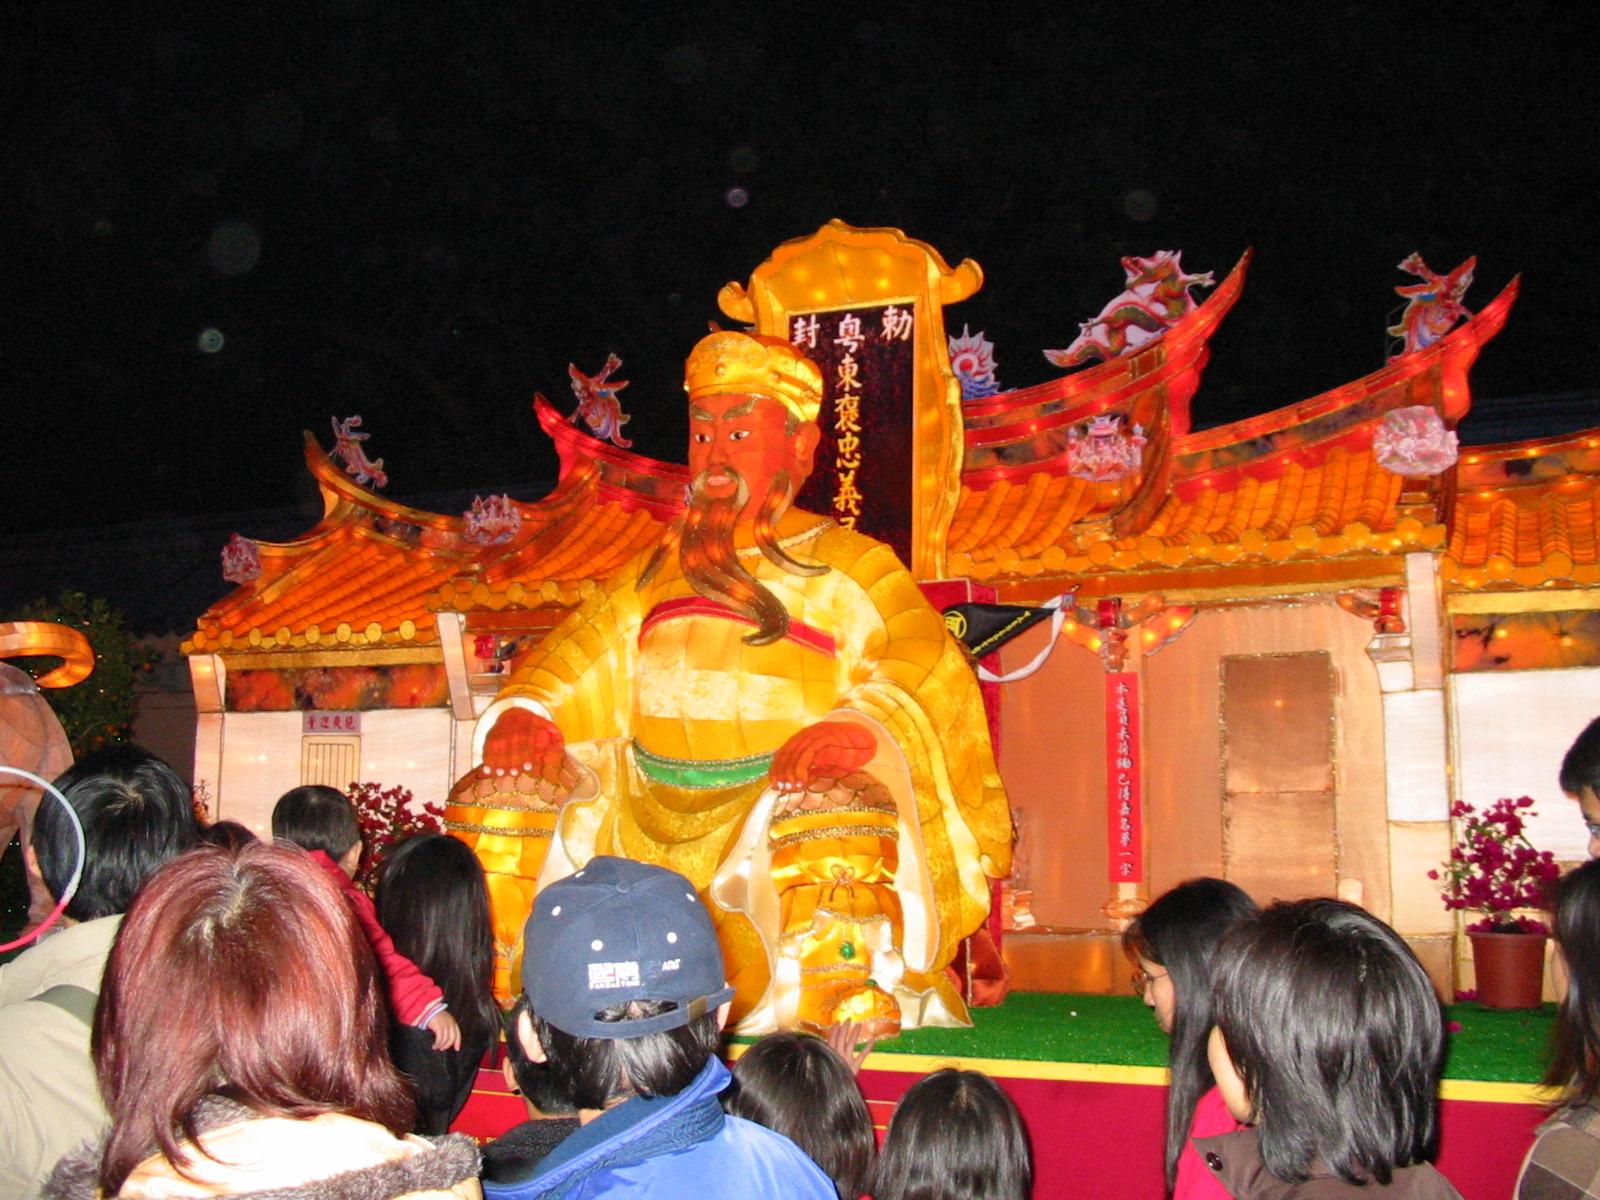 Full moon fever on the Lantern Festival